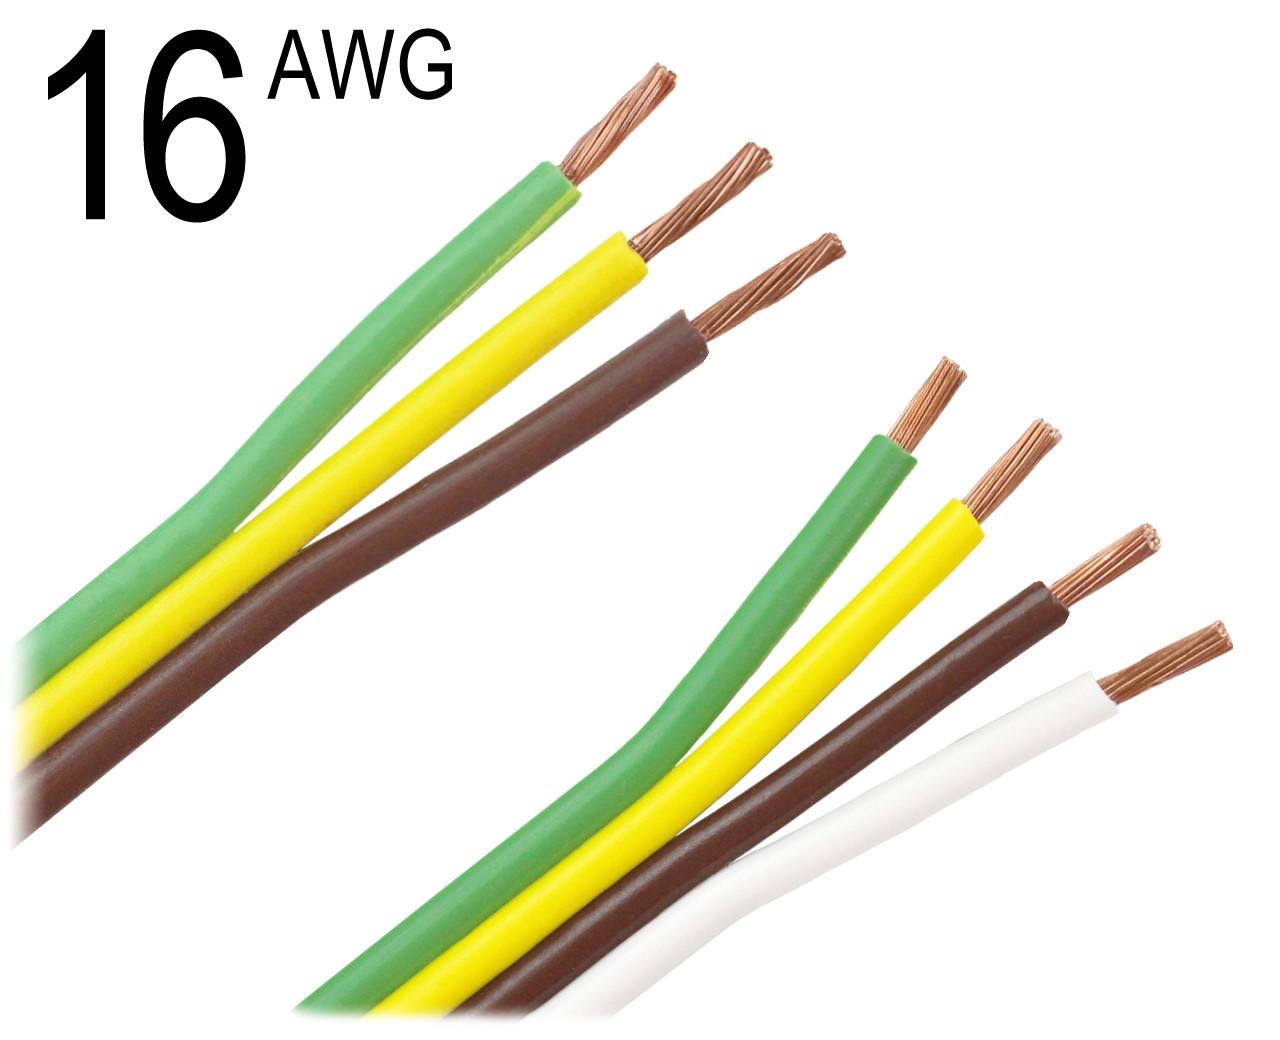 16 Gauge Zip Cord 3 & 4 Conductor